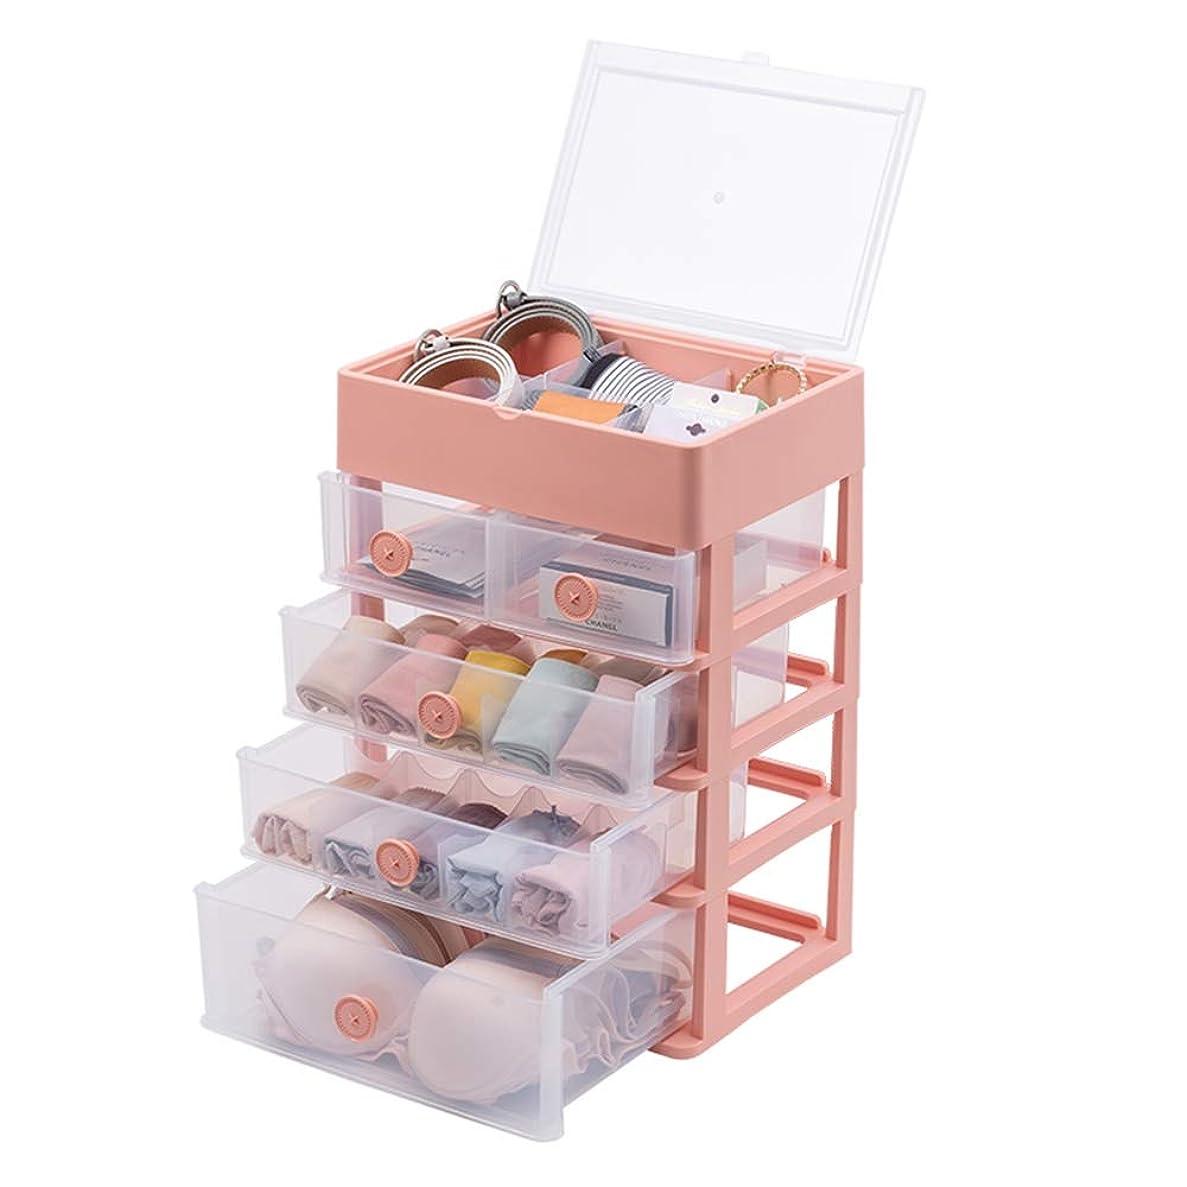 聖人検体可動式XIAOXIAO 収納ボックス透明引き出し多層下着ソックスジュエリー収納別の家庭用プラスチック収納ボックス (Color : Pink, Size : Five floors)